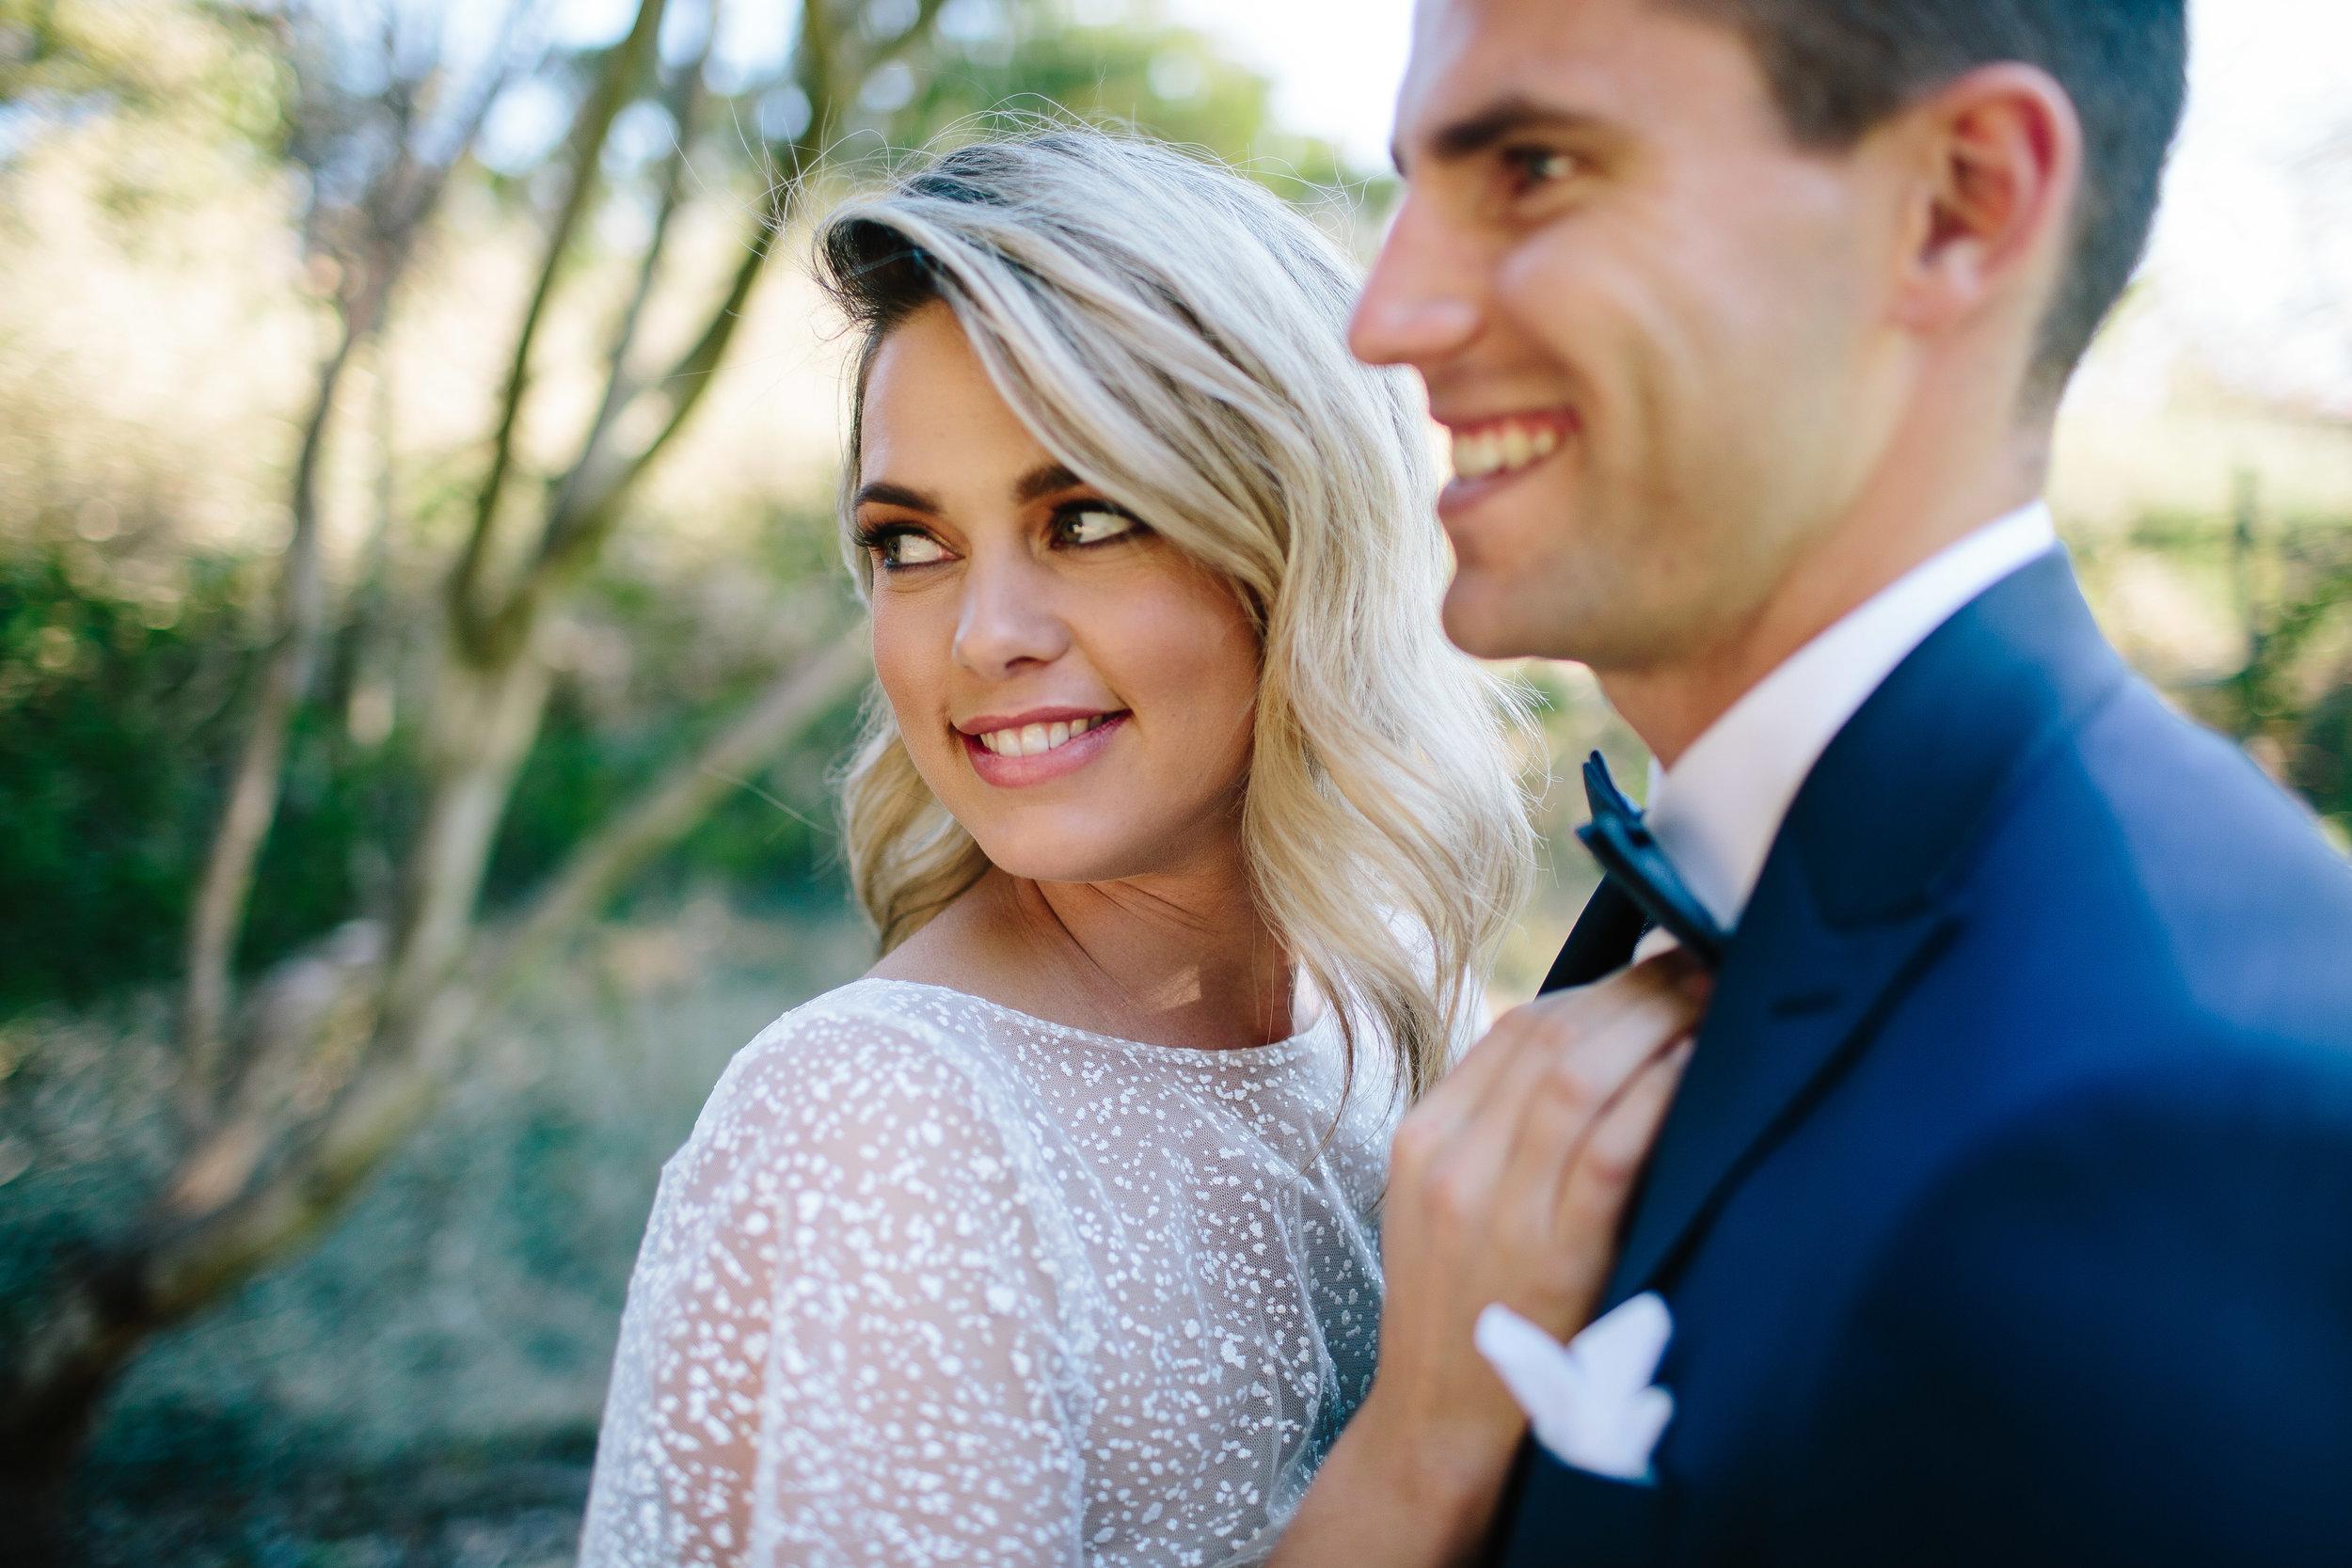 brisbane-bride-wedding-ideas-byo